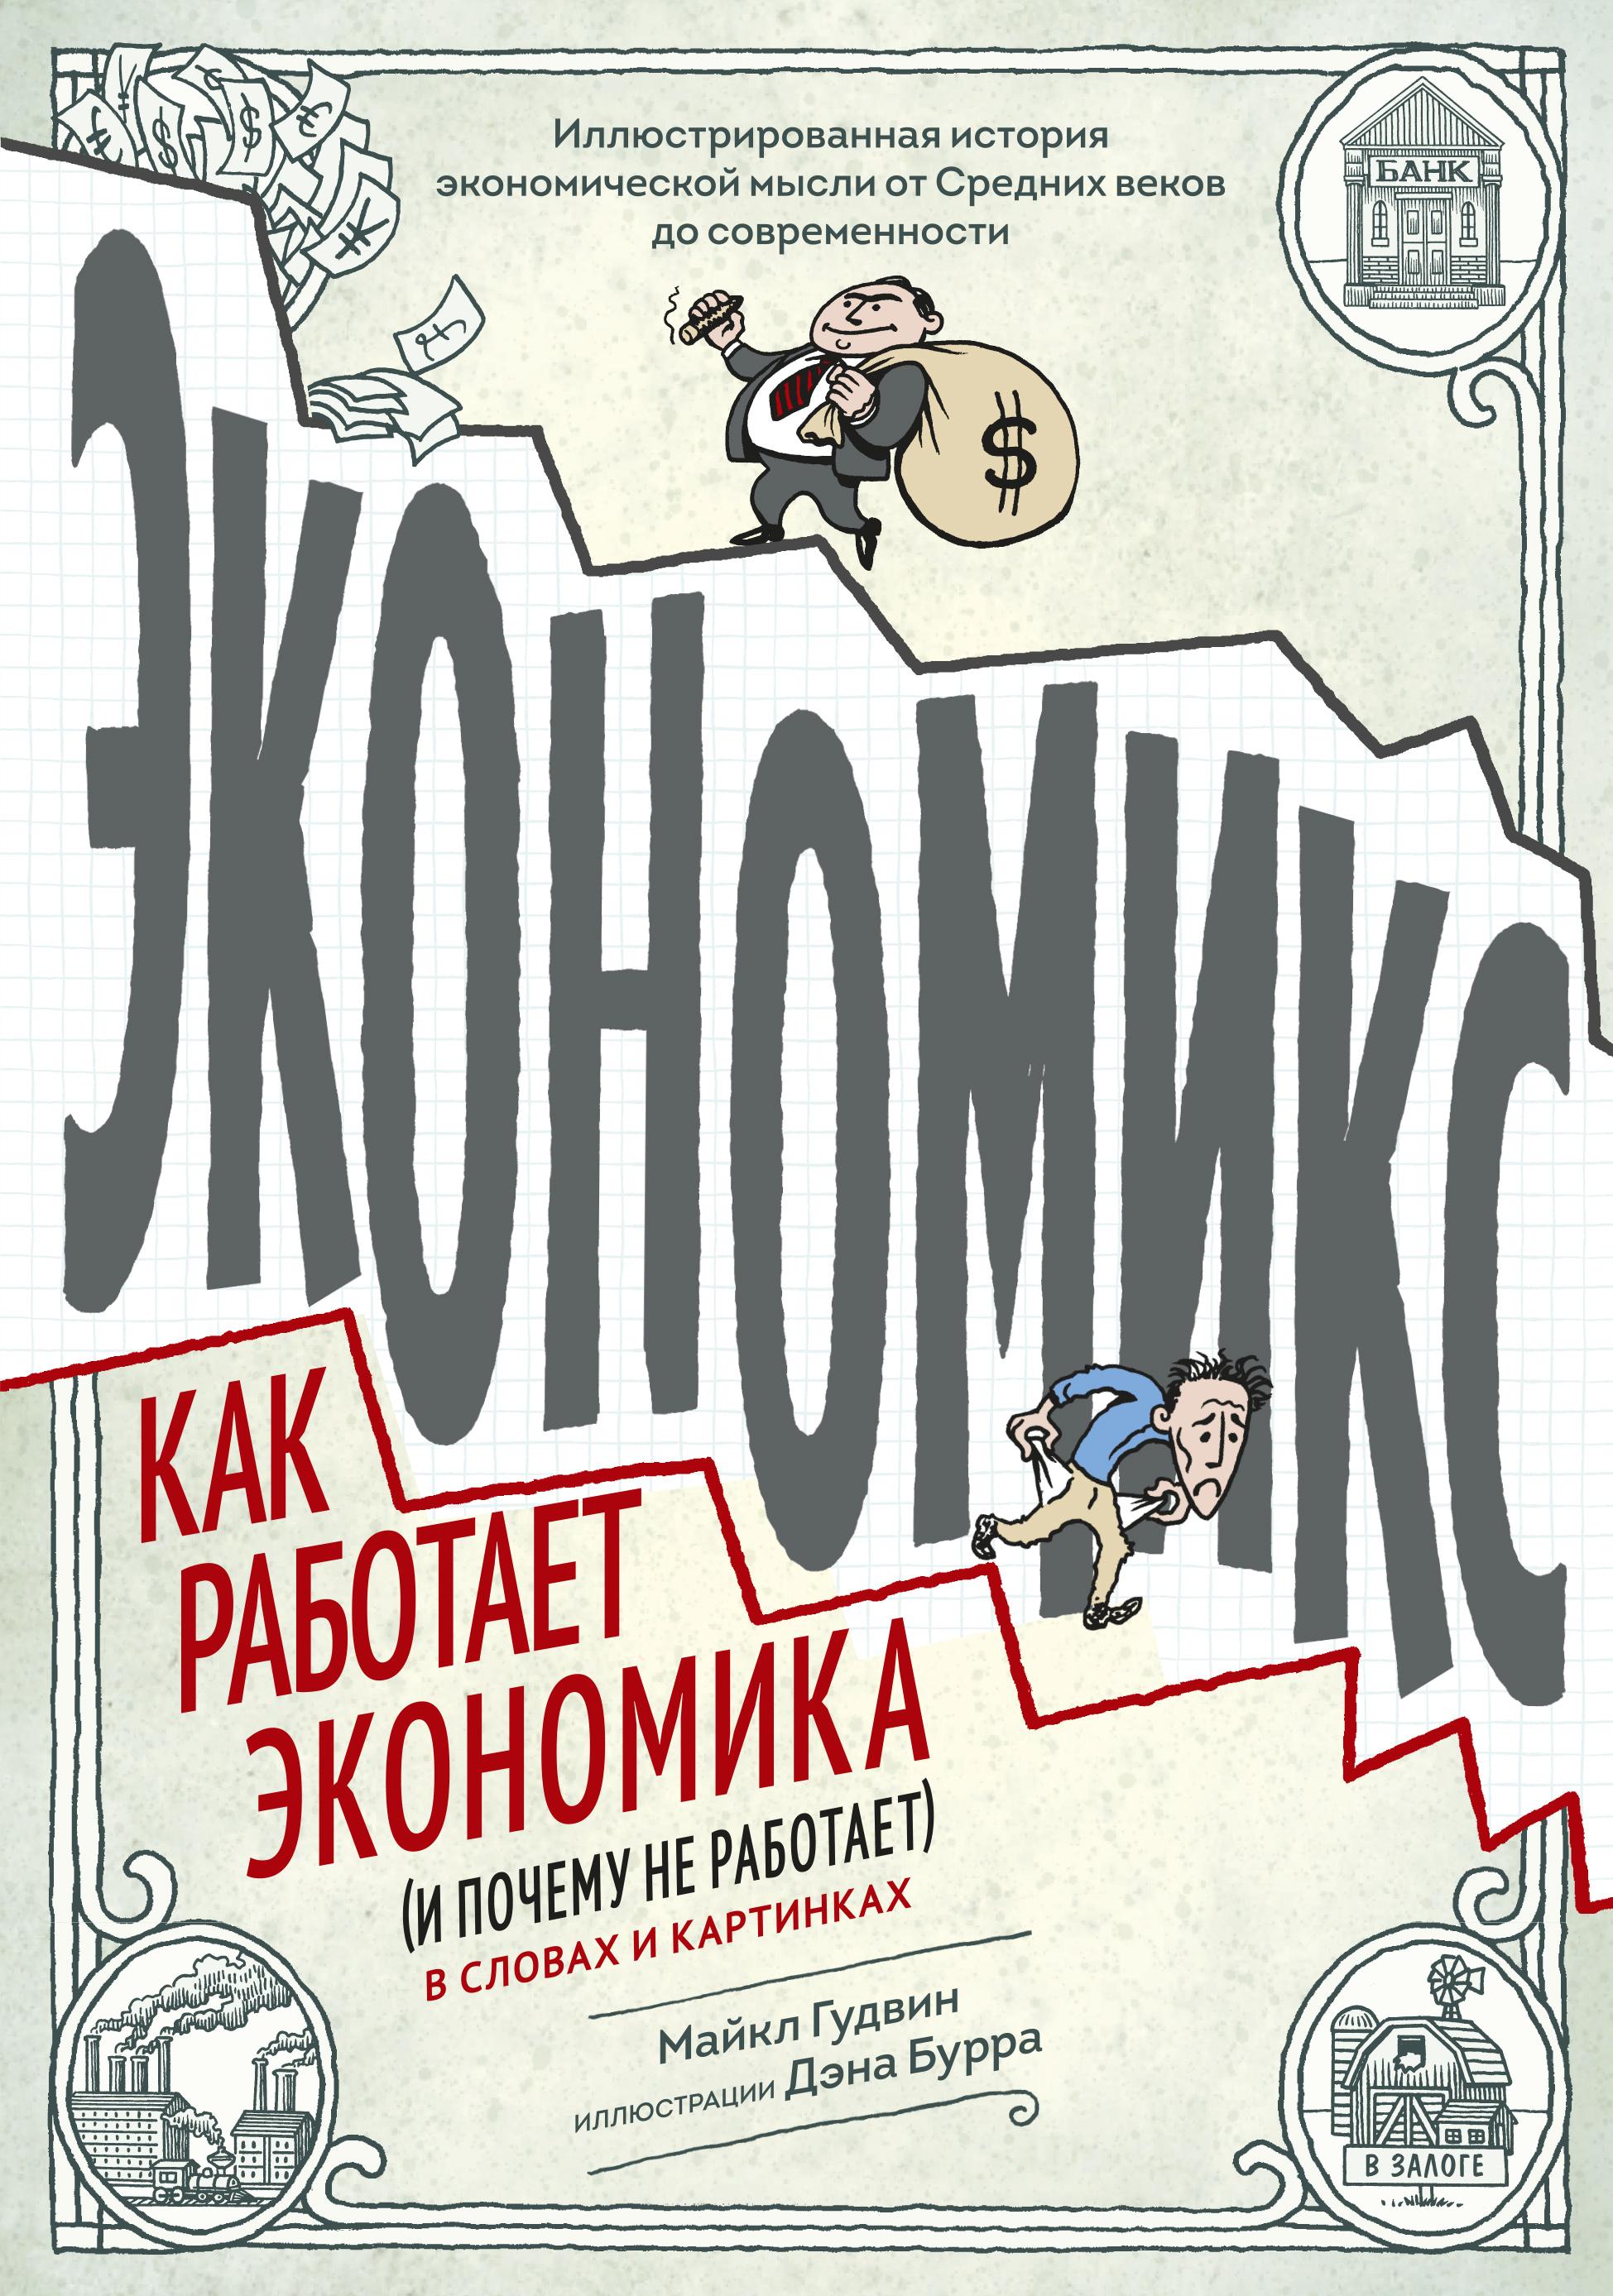 Экономикс. Как работает экономика (и почему не работает) в словах и картинках